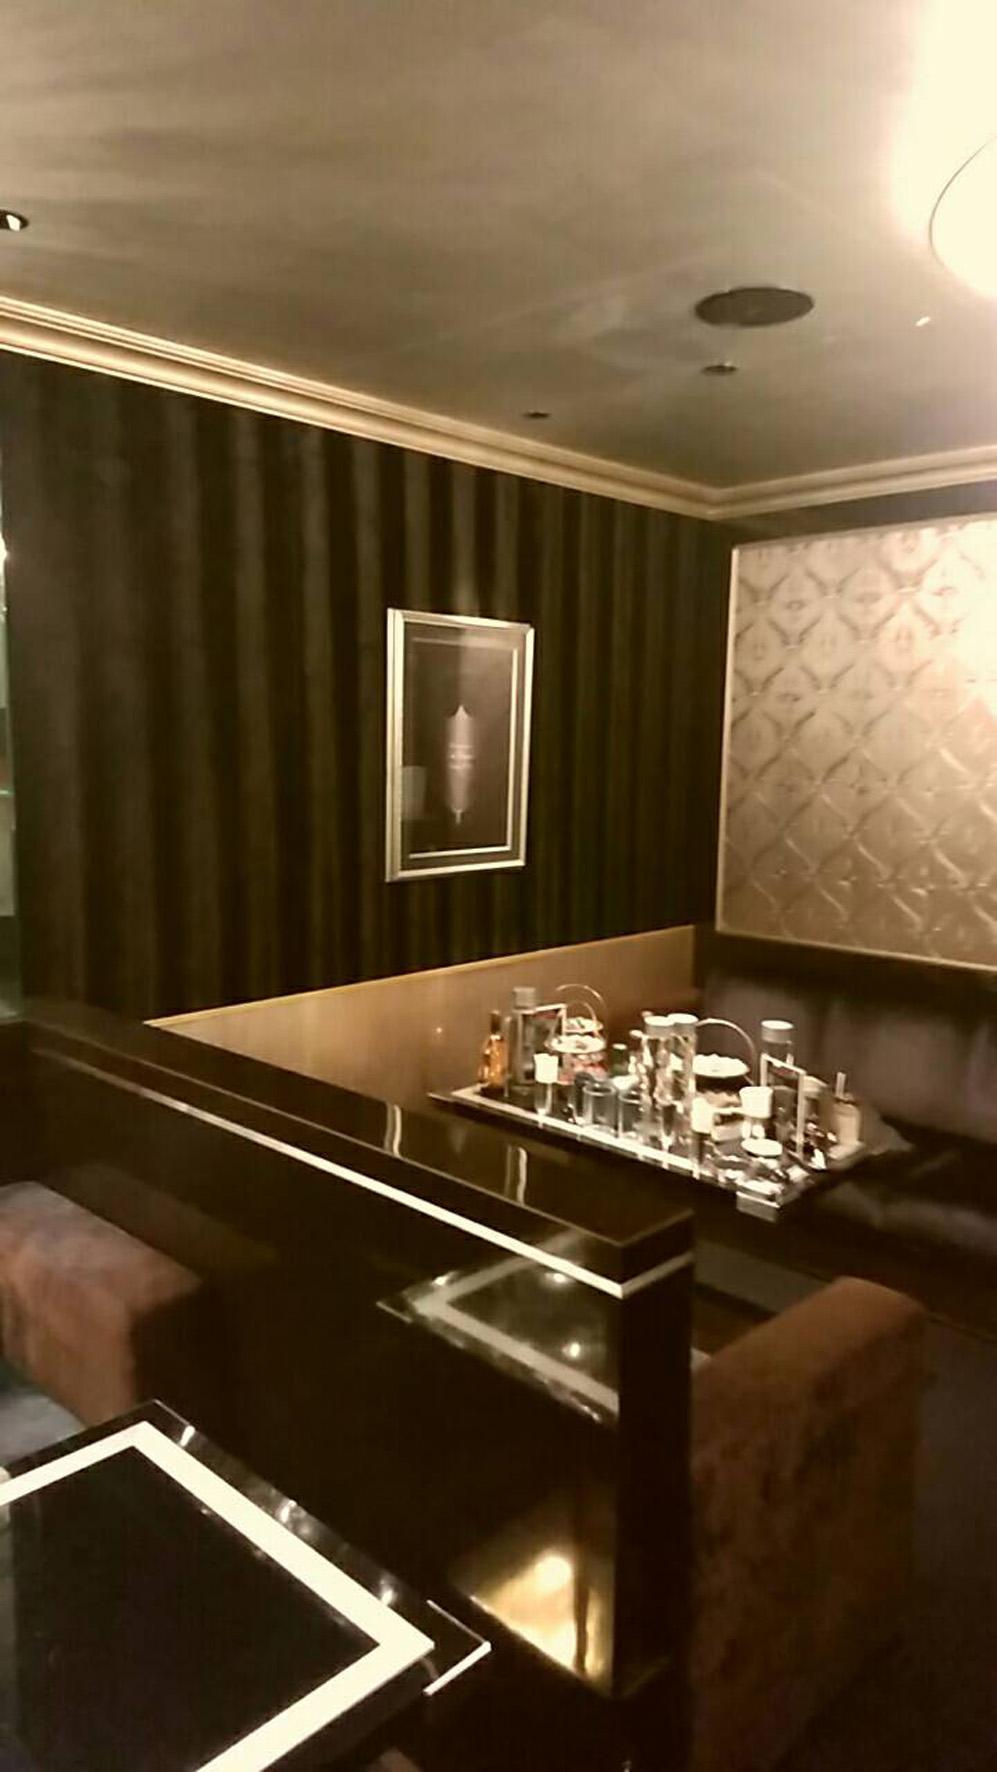 店舗デザイン インテリアデザイン shopdesign interiordesign 名古屋 錦3 バレンシア